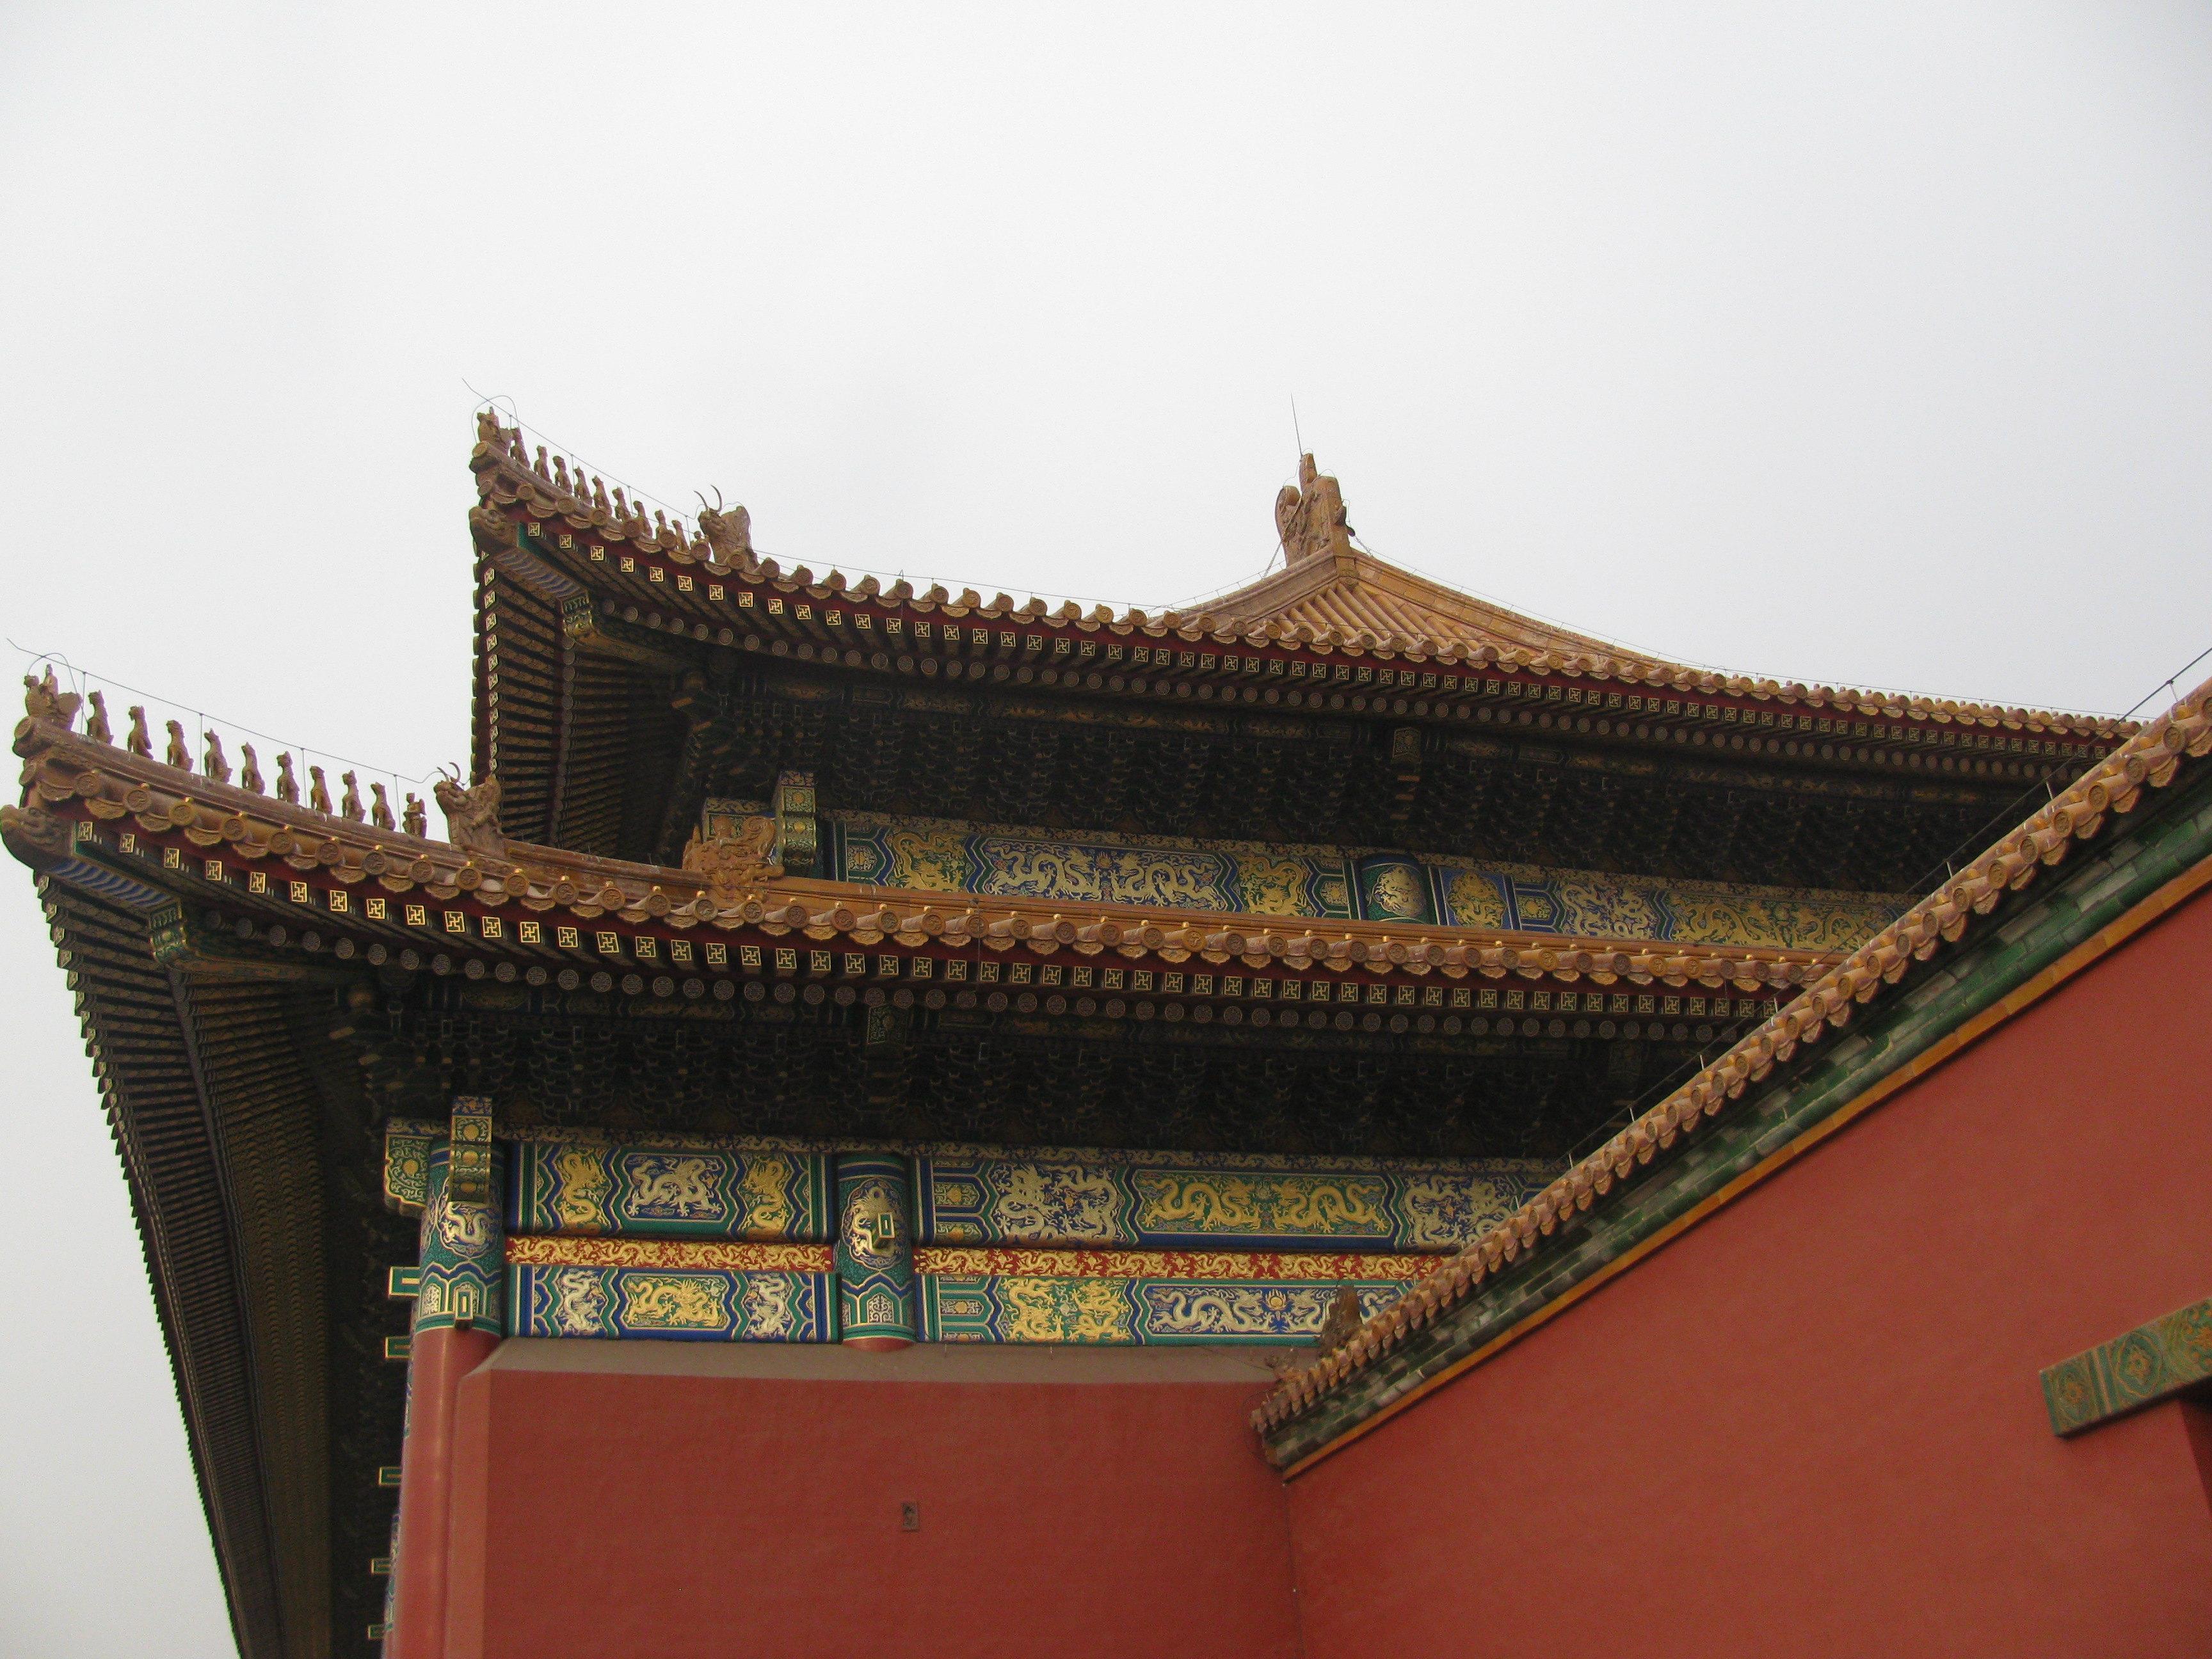 故宫房顶手绘贴图